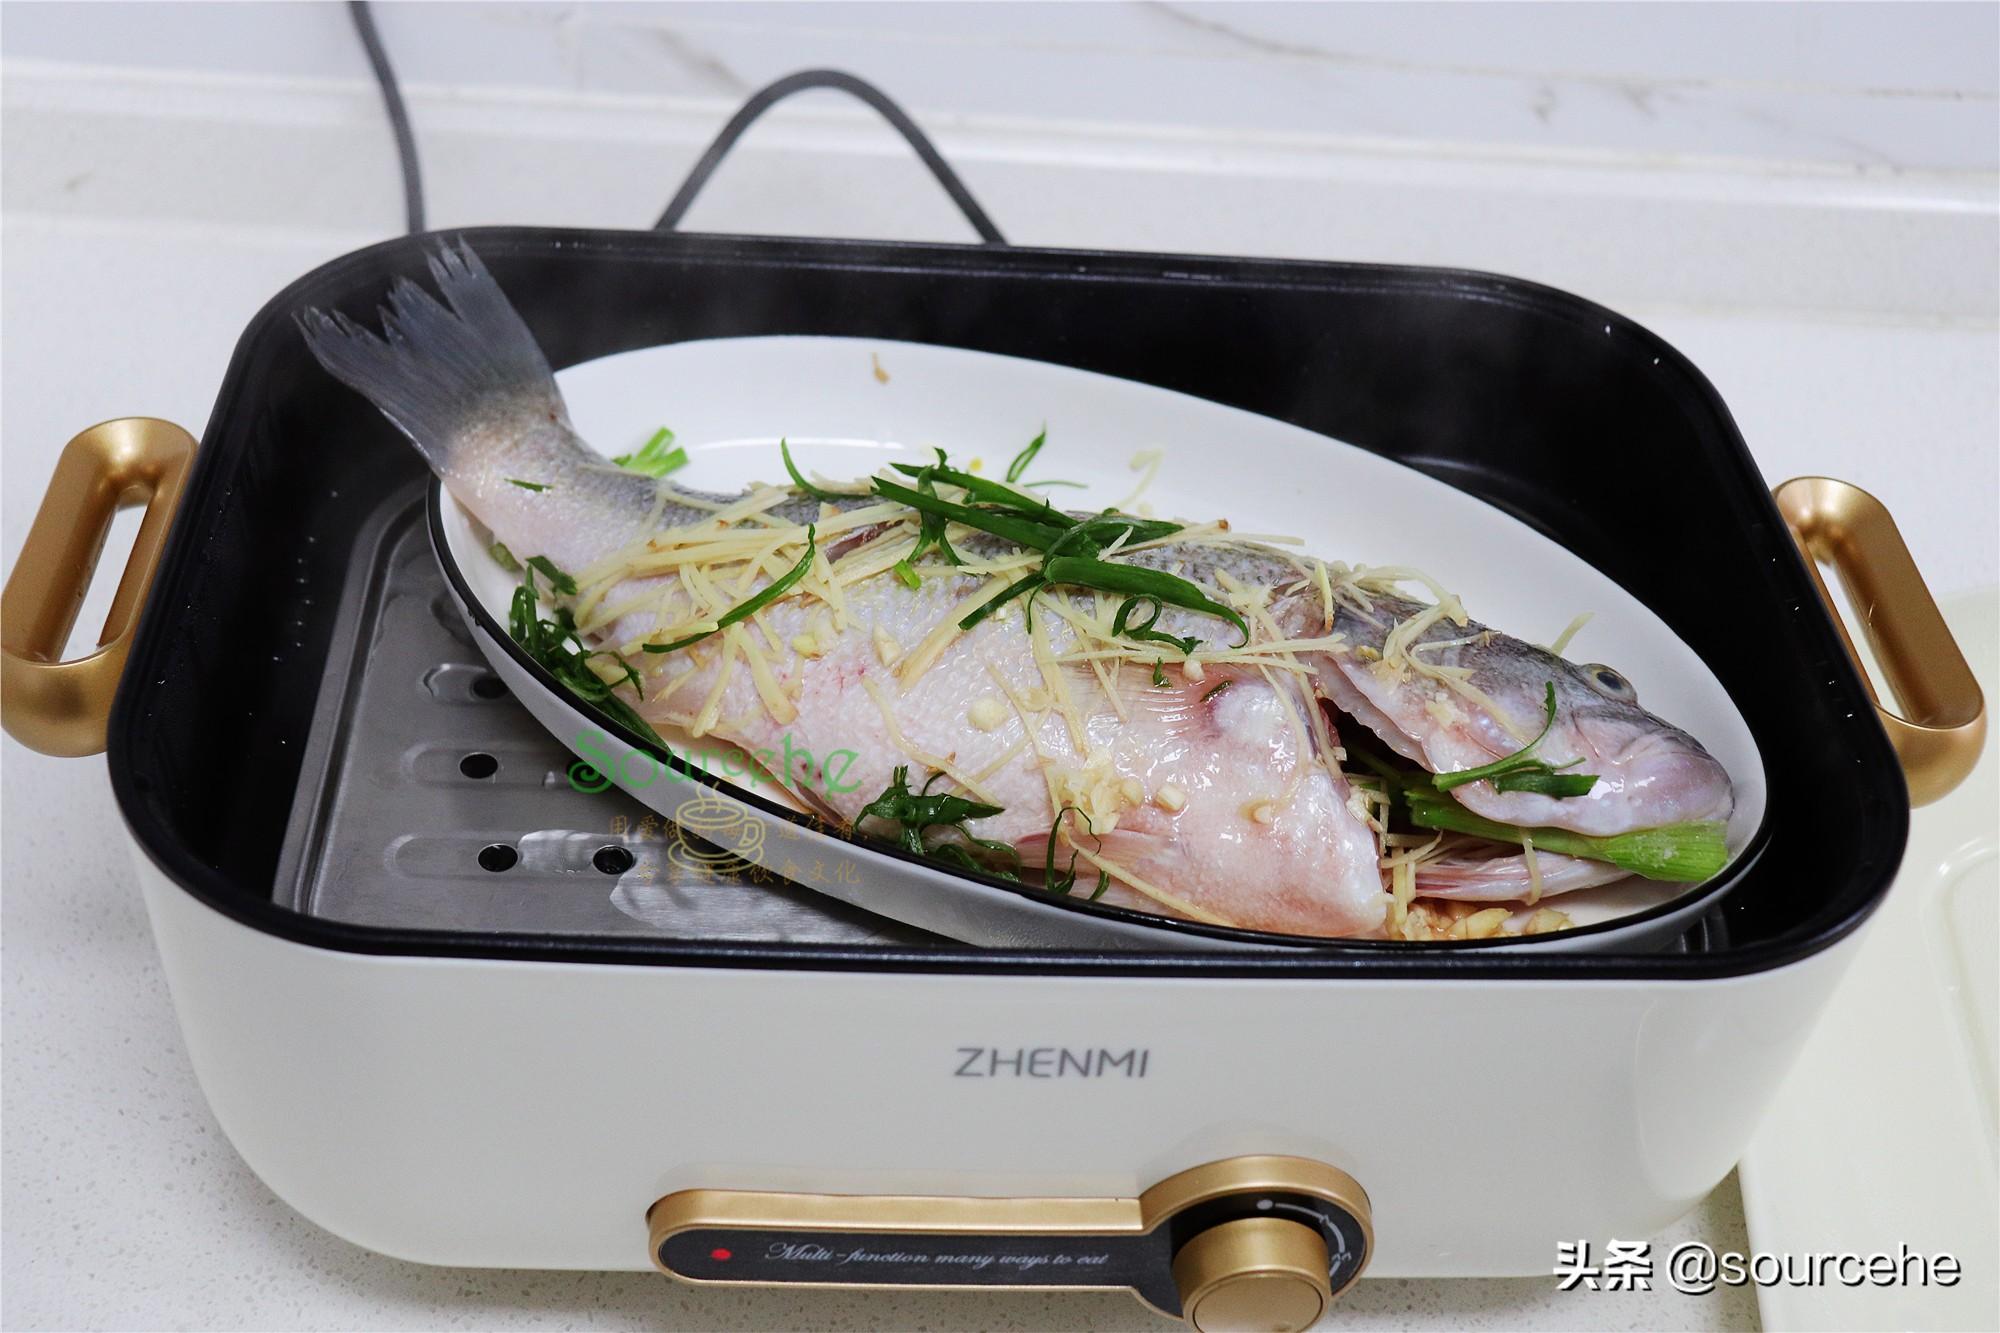 清蒸鱸魚只需8分鐘,一靠火候二靠調味,魚肉離骨,鮮美香滑